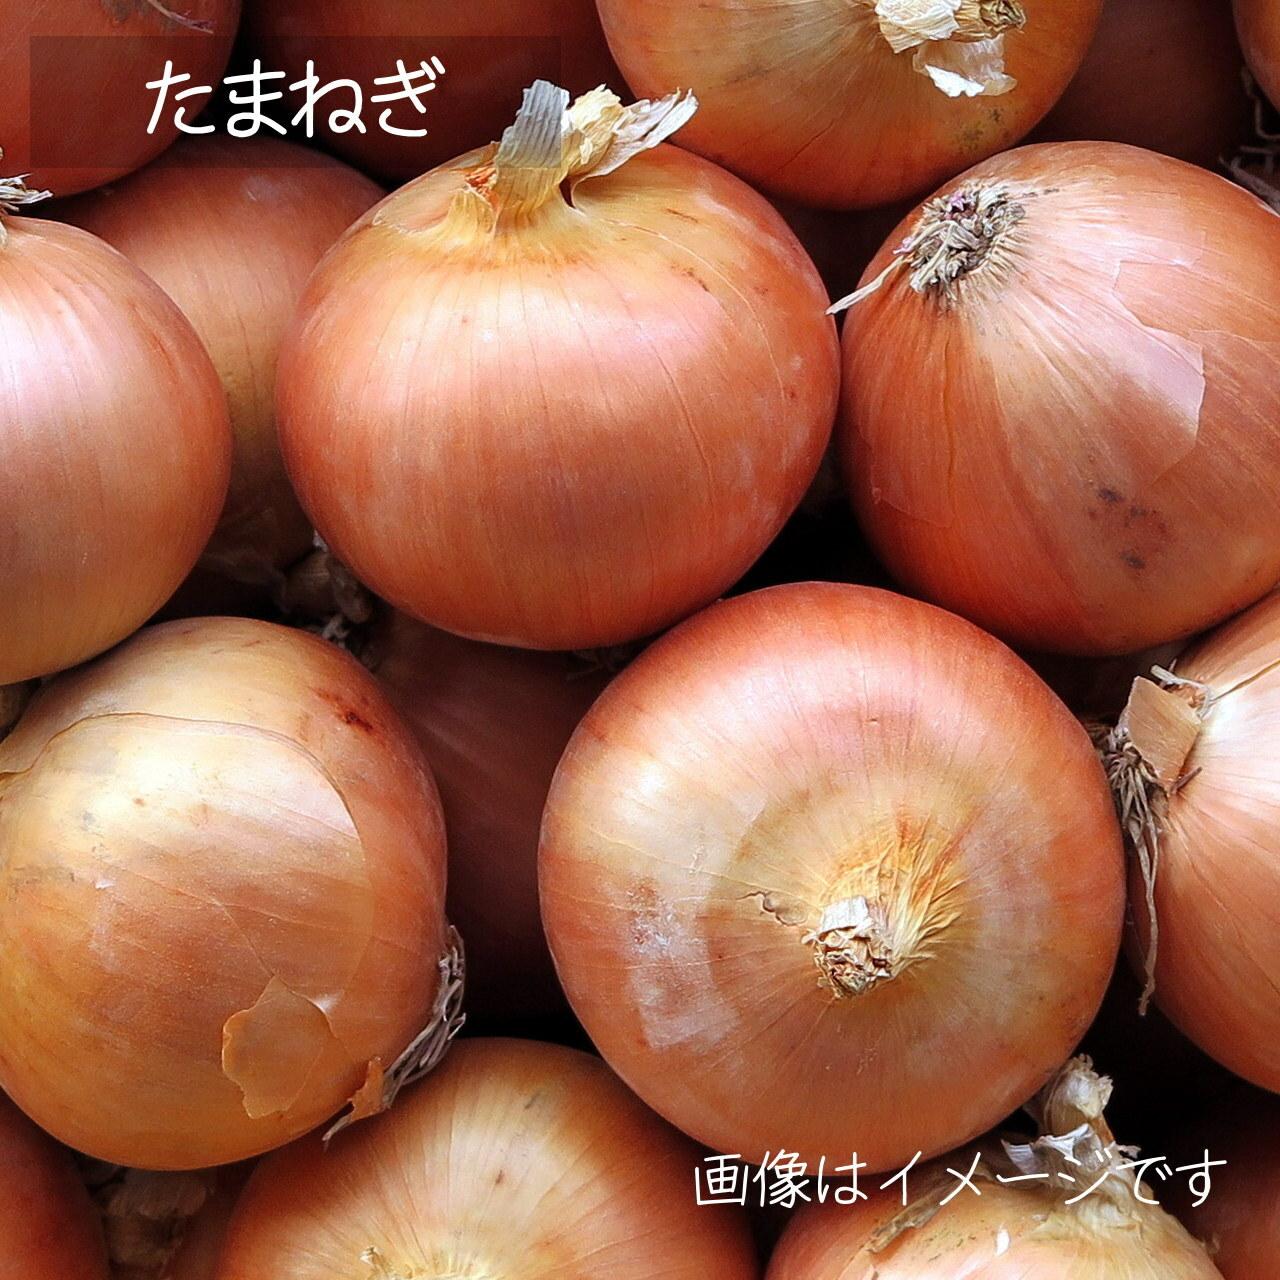 たまねぎ 約3~4個  朝採り直売野菜 7月の新鮮な夏野菜 : 7月11日発送予定